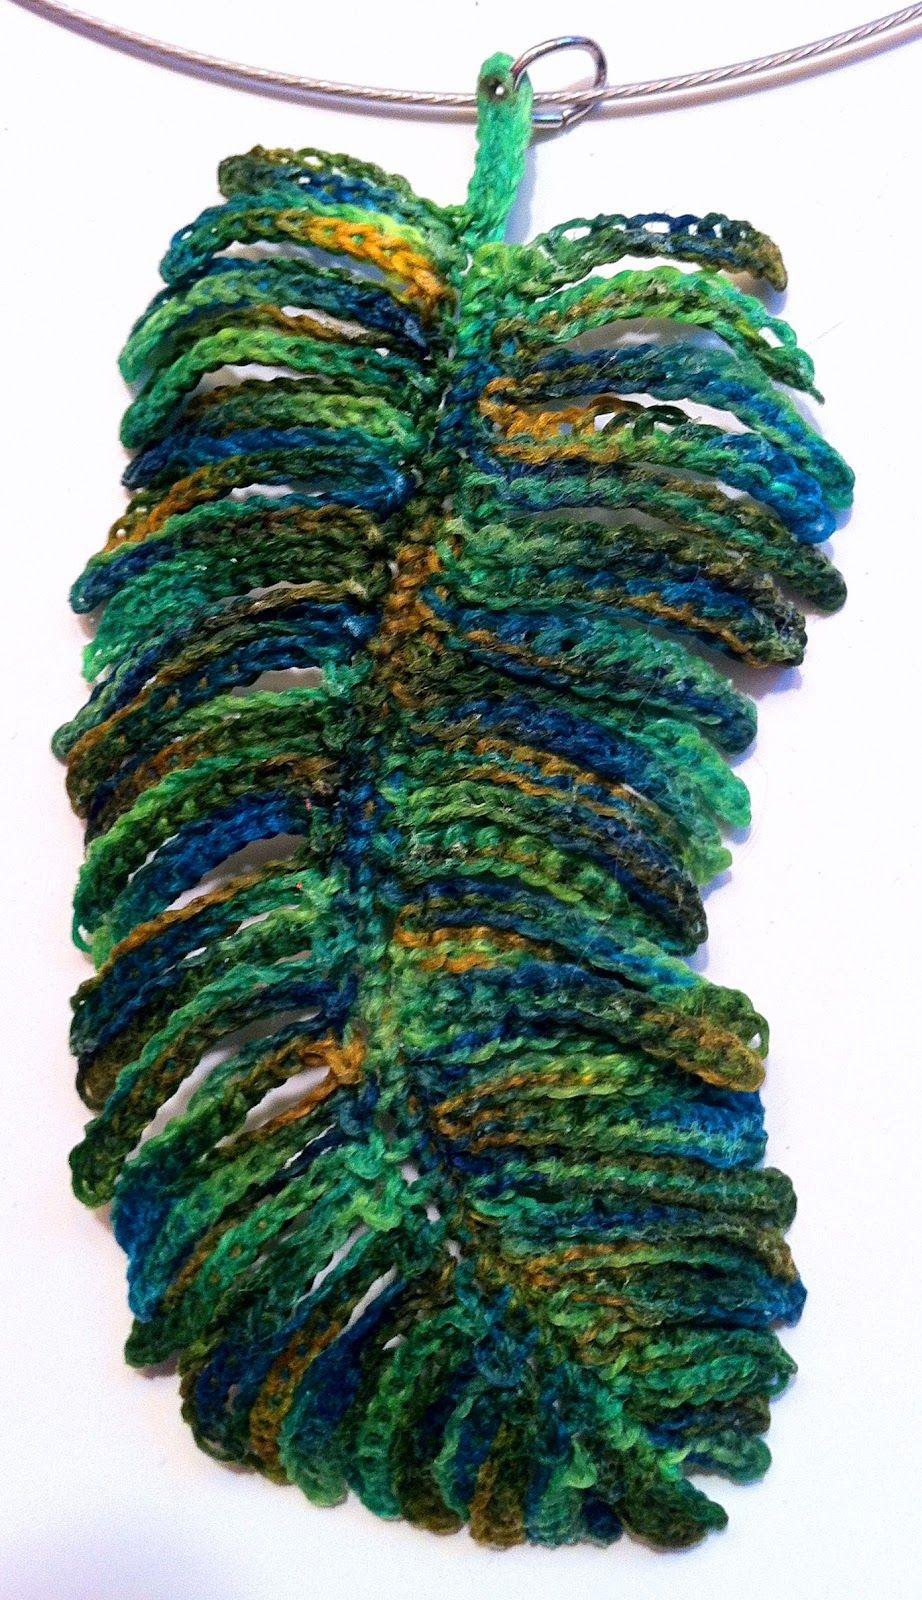 Luftmaschen Ketten Mit Stoff Textilversteifung Bearbeiten